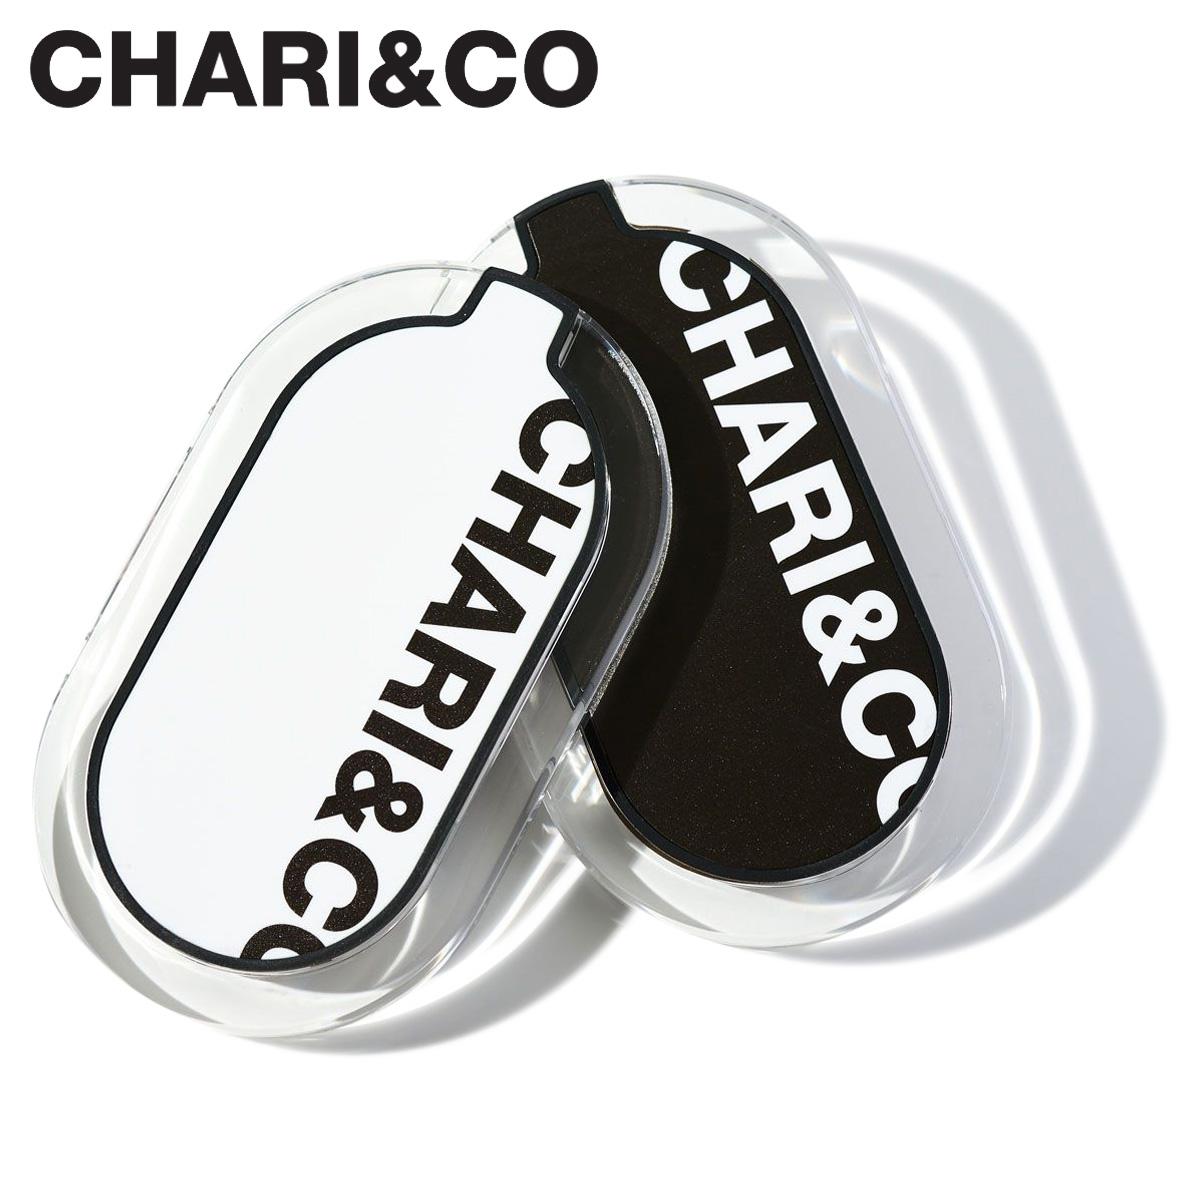 CHARI&CO チャリアンドコー 充電器 ワイヤレス充電器 Qi対応 iPhone アンドロイド スマホ スマートフォン 携帯 BOLD LOGO MOBILE CHARGER ブラック ホワイト 黒 白 [11/28 新入荷]